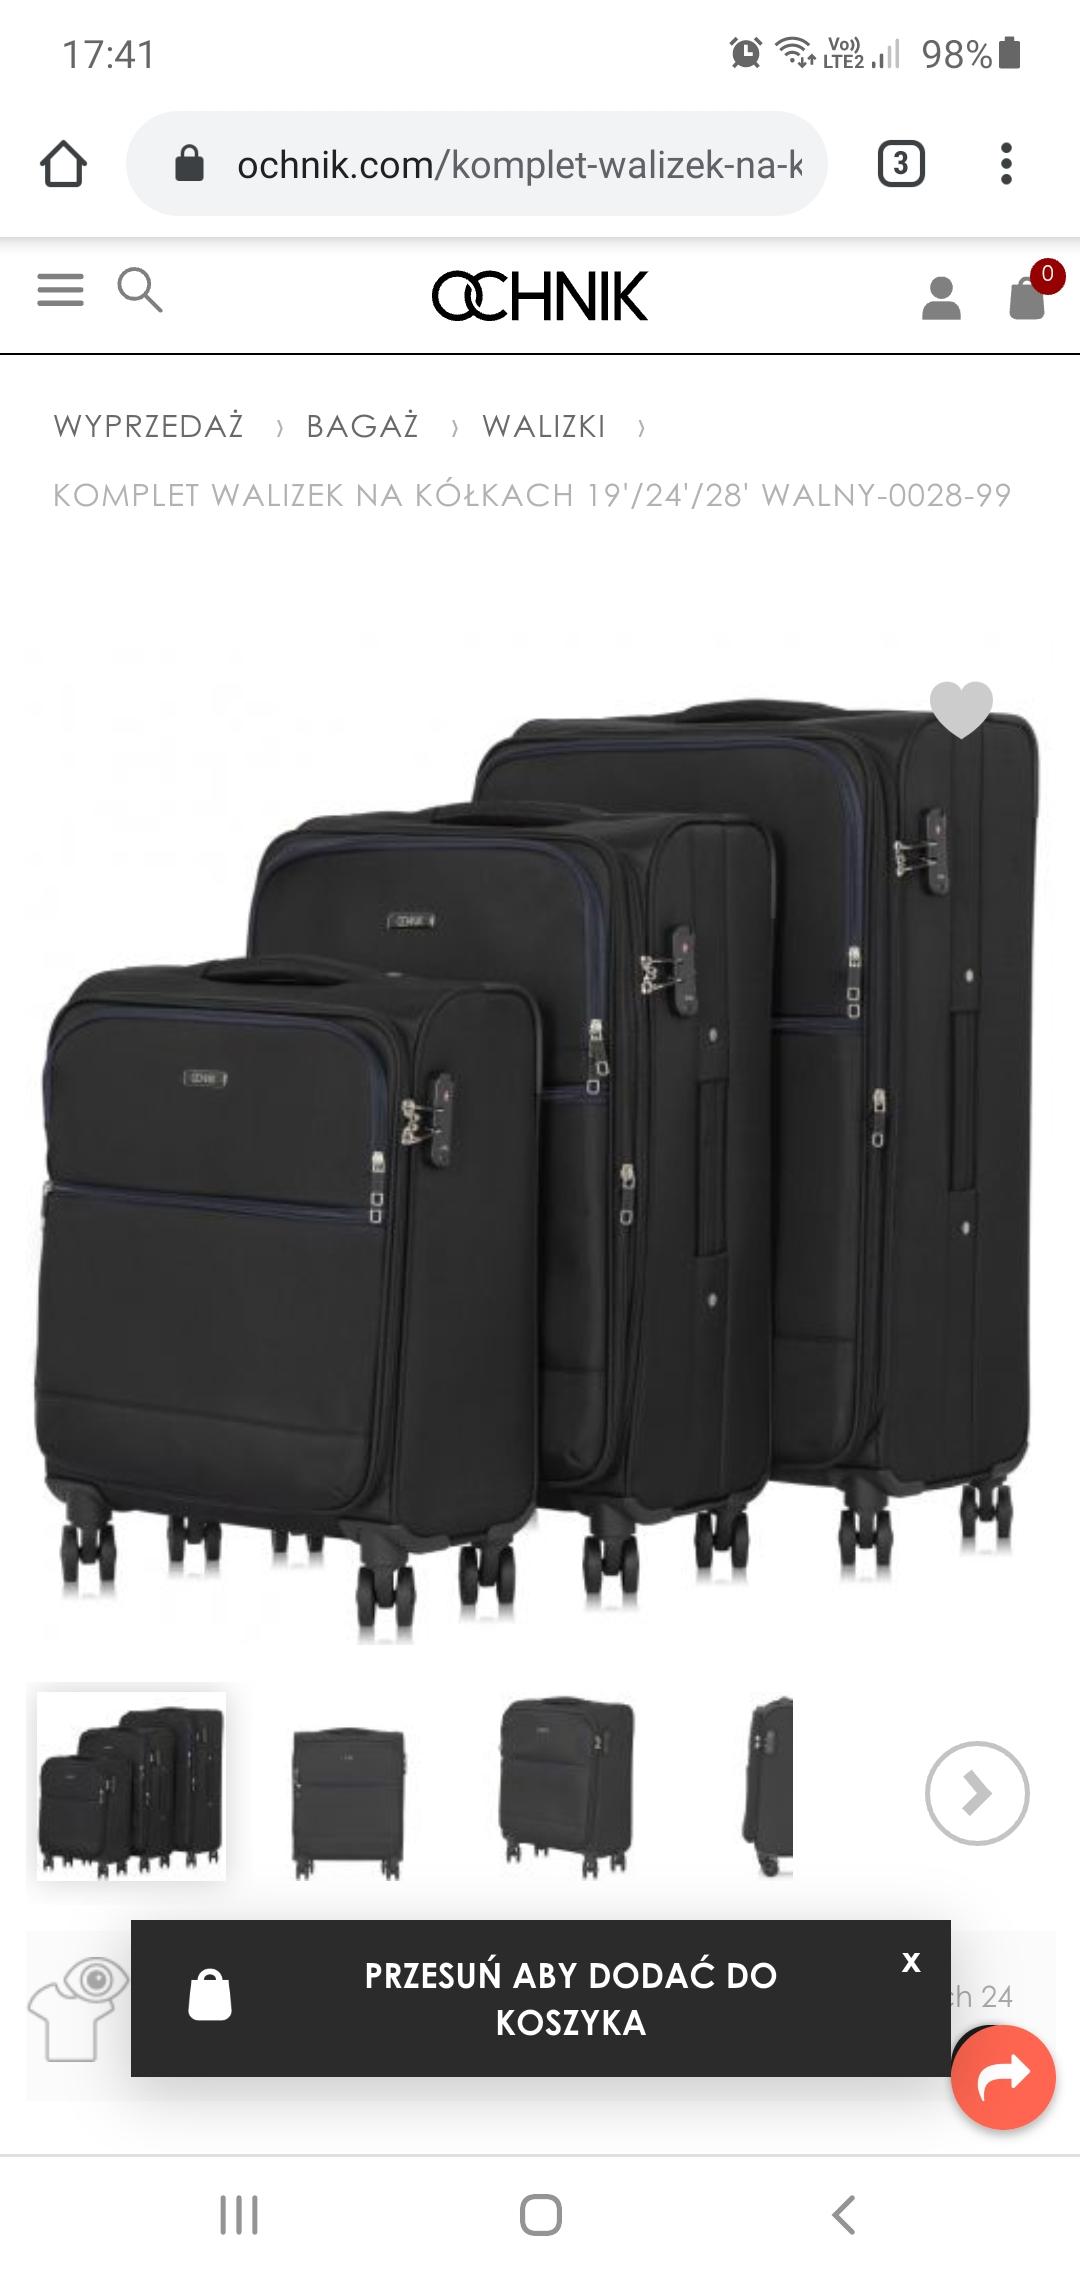 Komplet walizek Ochnik